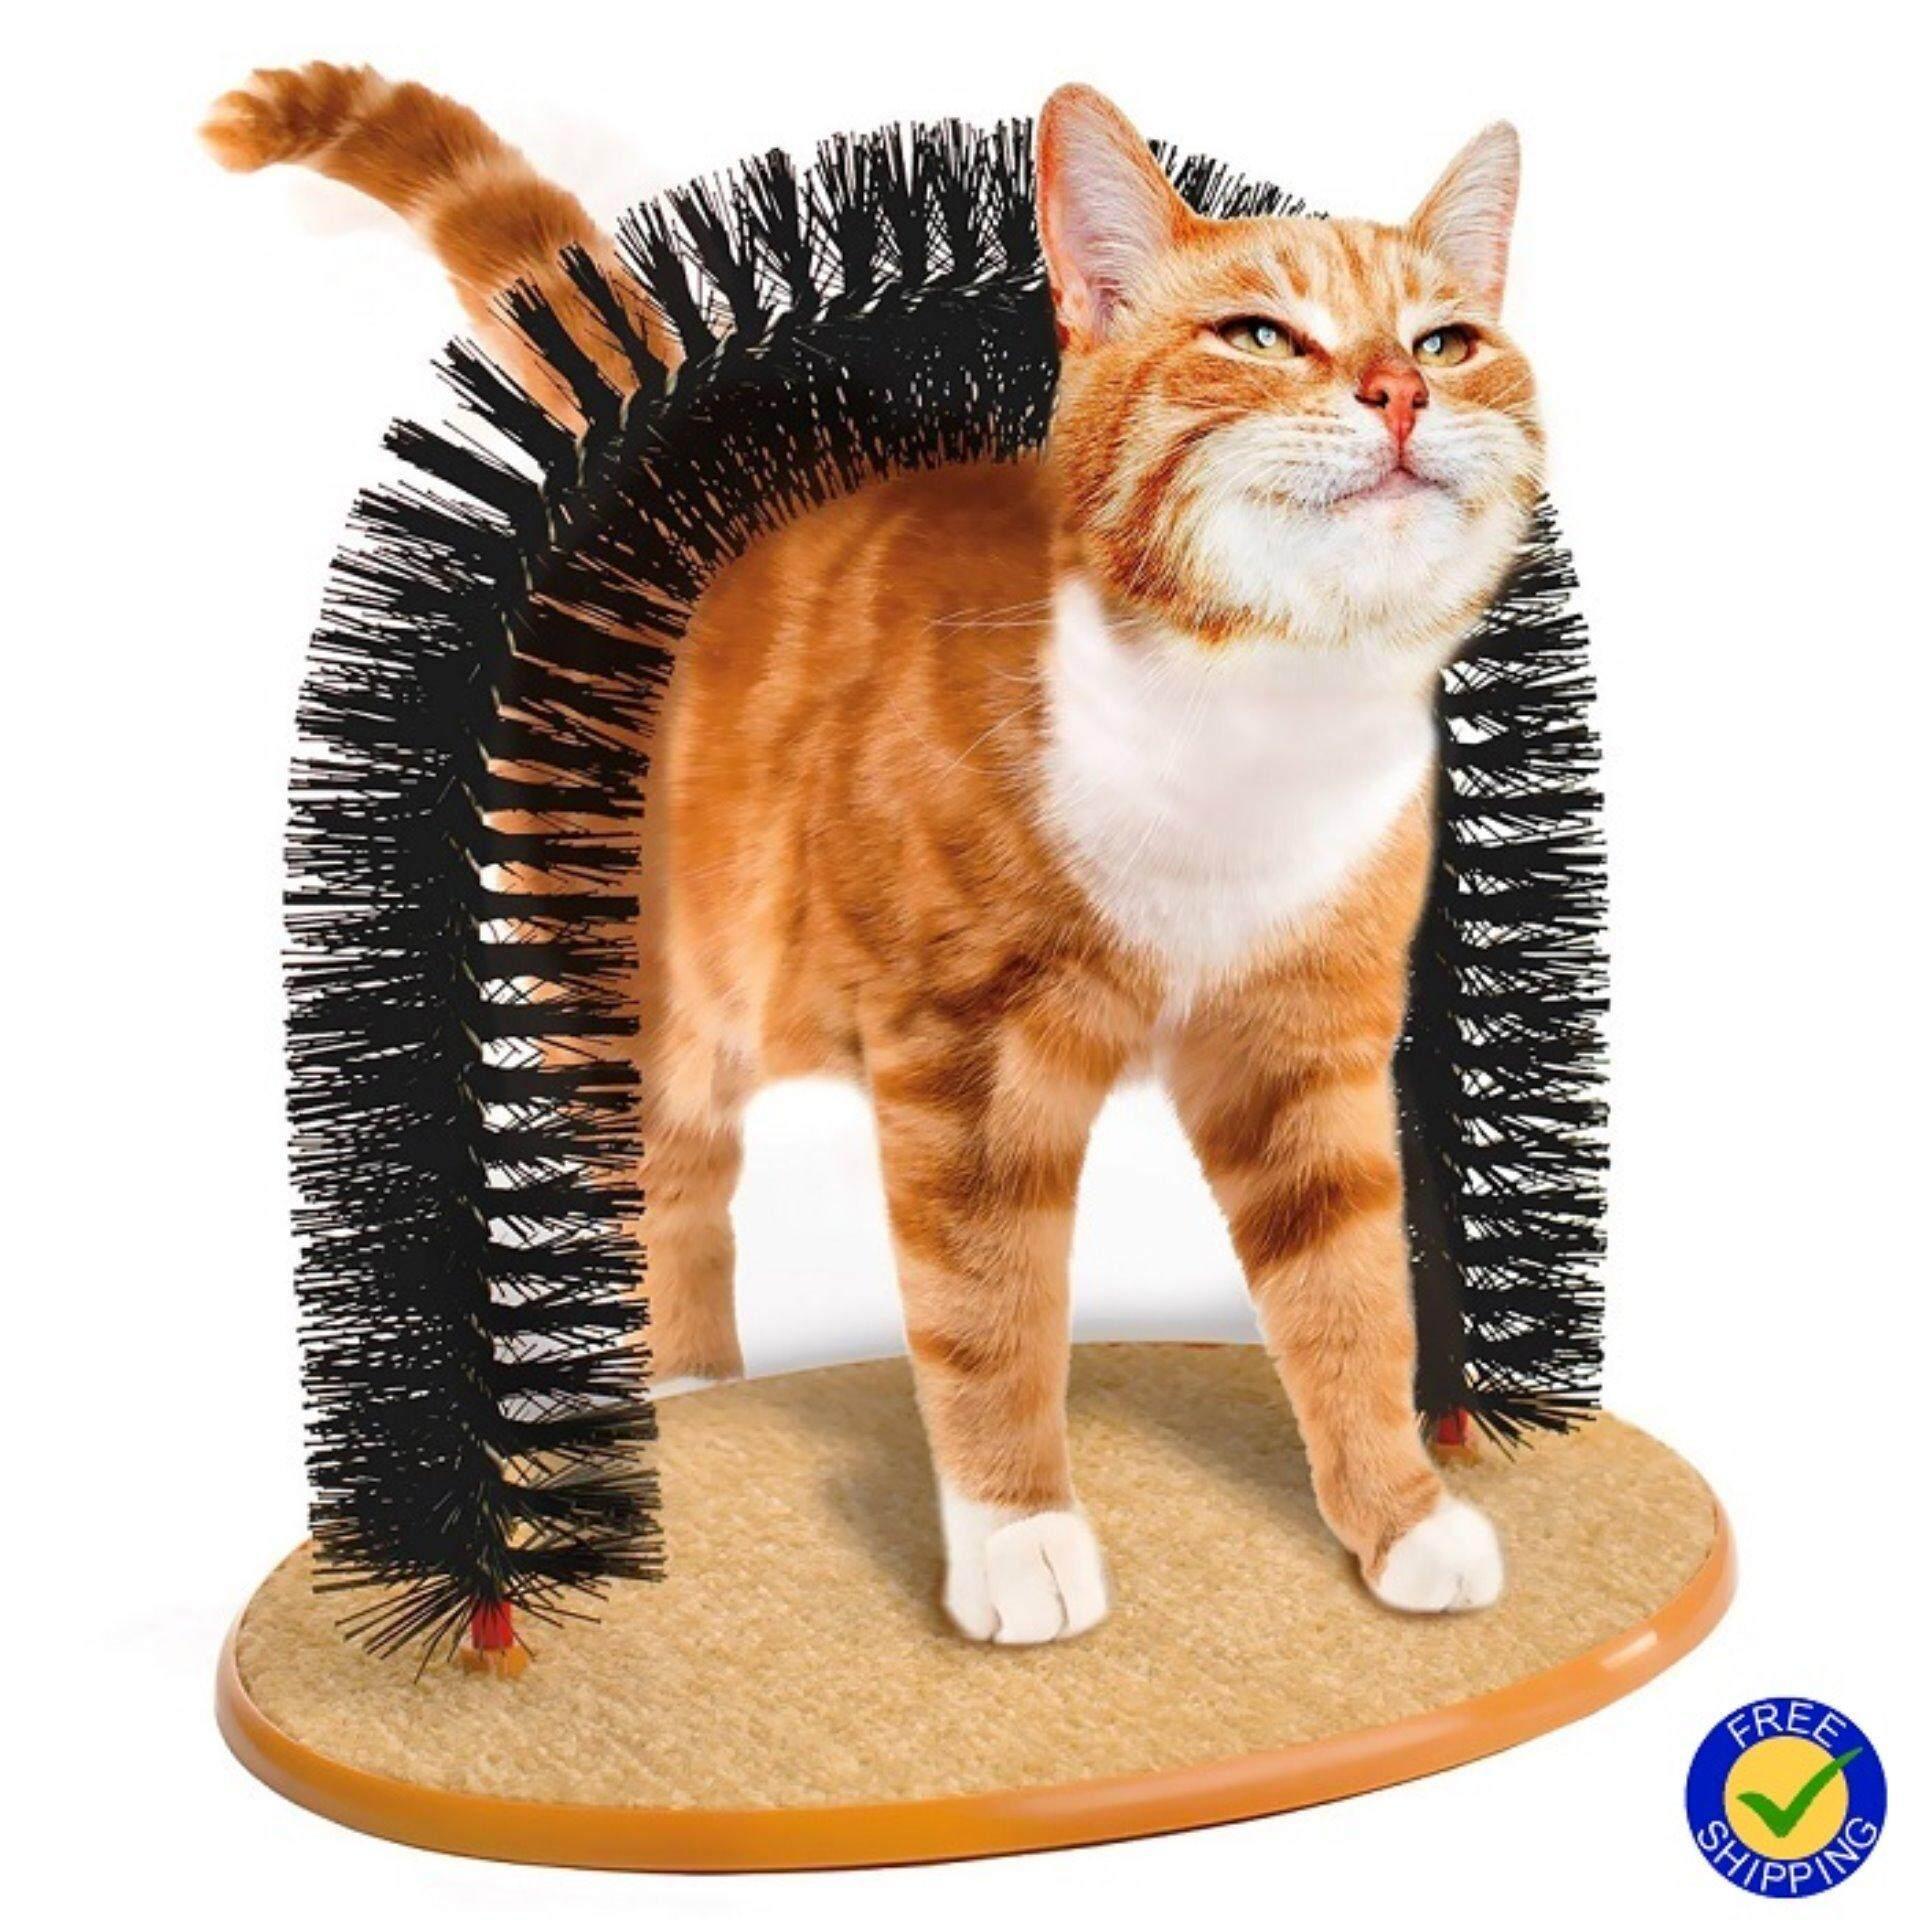 Cat Flea Habitat